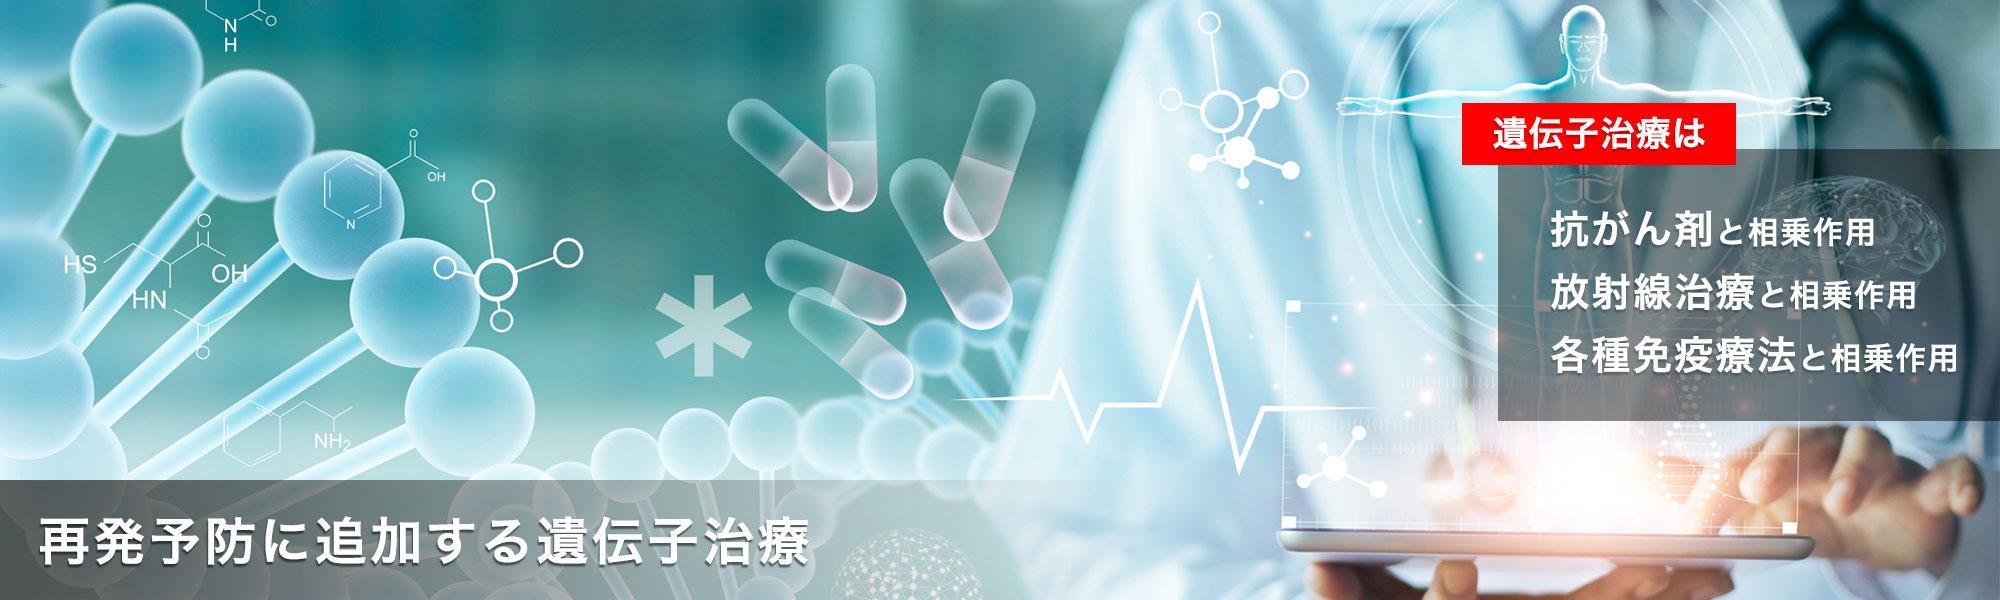 再発予防に追加する遺伝子治療1